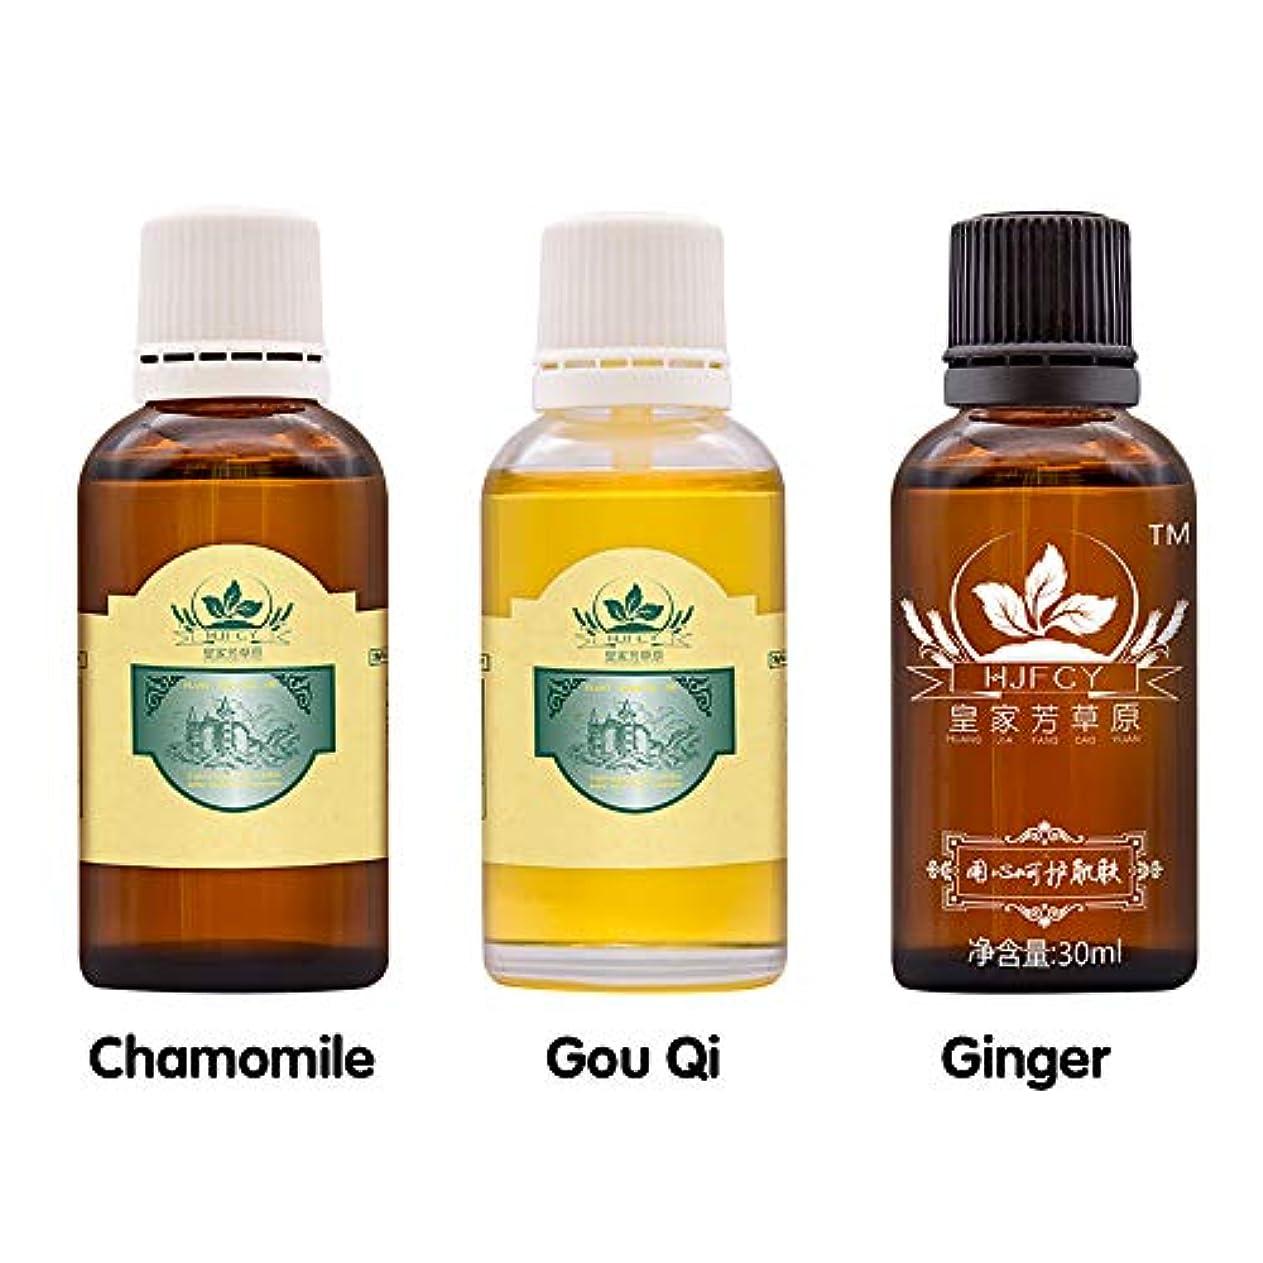 豊かにする消すラベンダー100%天然エッセンシャルオイル、生姜エッセンシャルオイル、ユーカリエッセンシャルオイル、カモミールエッセンシャルオイル、高品質エッセンシャルオイルマッサージエッセンシャルオイル30ml